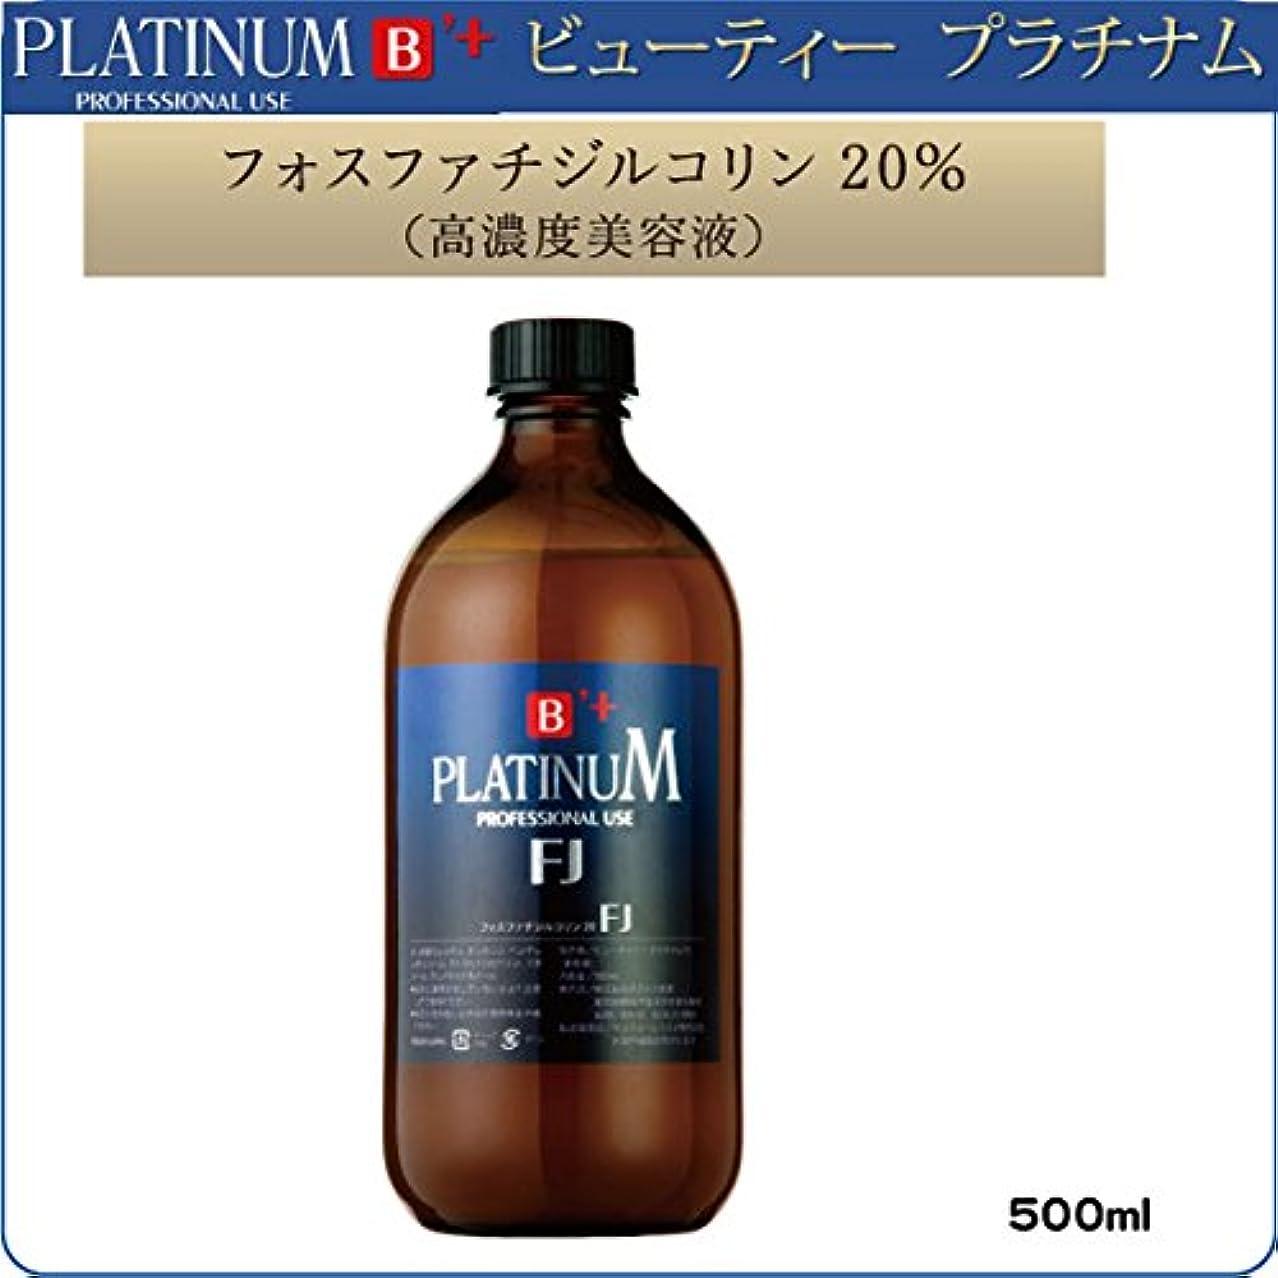 損傷リーダーシップに対処する【ビューティー プラチナム】 PLATINUM B'+  フォスファチジルコリン20%高濃度美容液  痩身専用:500ml